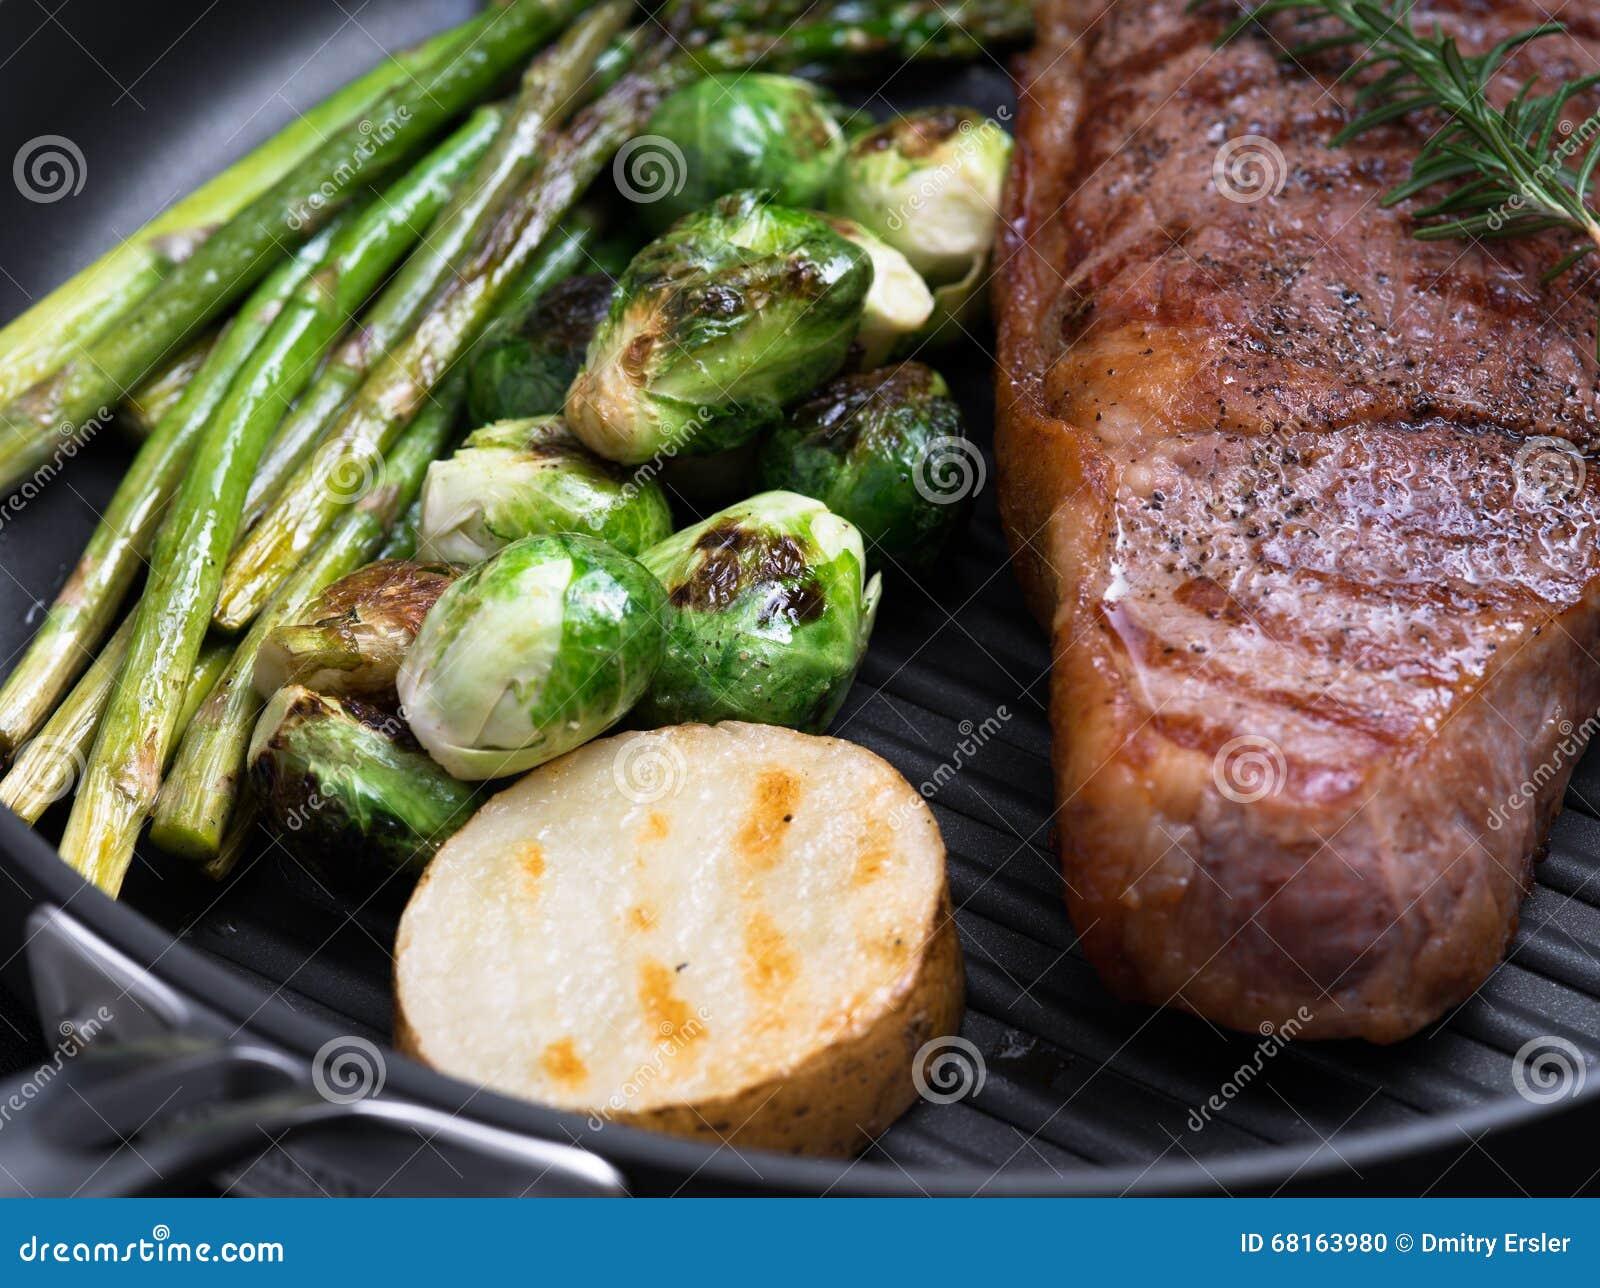 Medium steak color